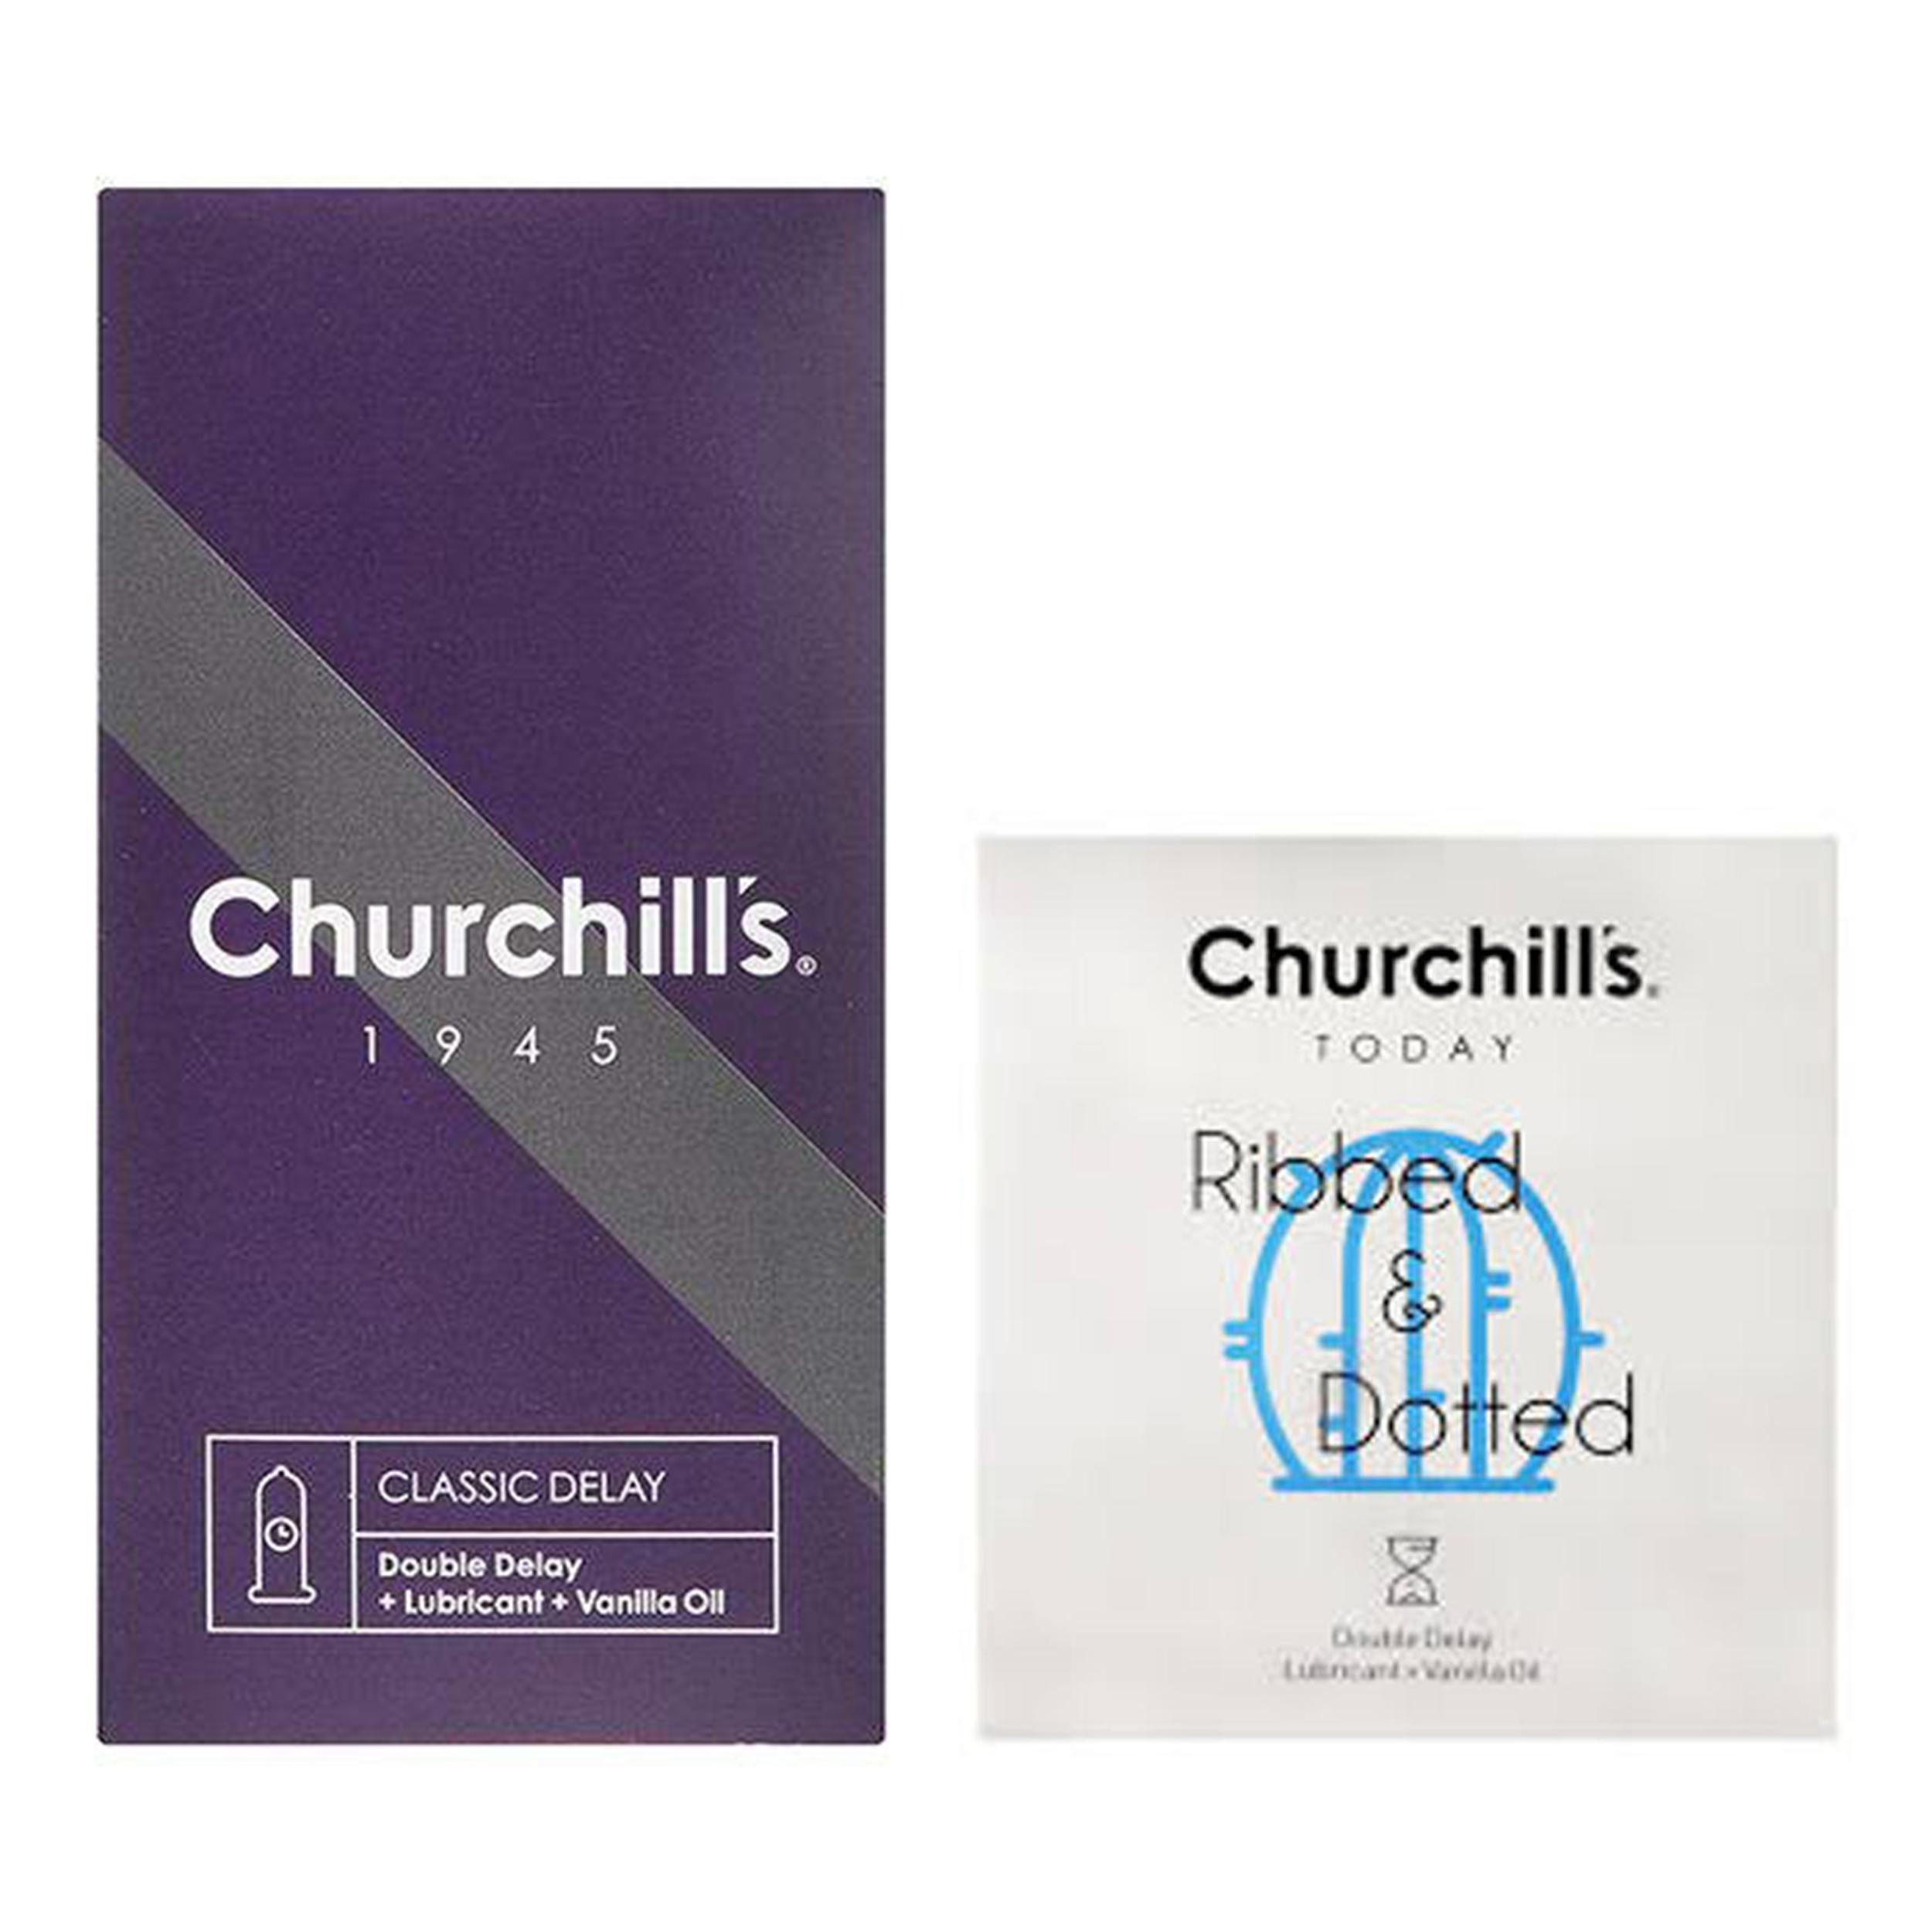 کاندوم چرچیلز مدل کلاسیک تاخیری بسته 12 عددی به همراه کاندوم چرچیلز مدل شیاردار و خاردار بسته 3 عددی thumb 1